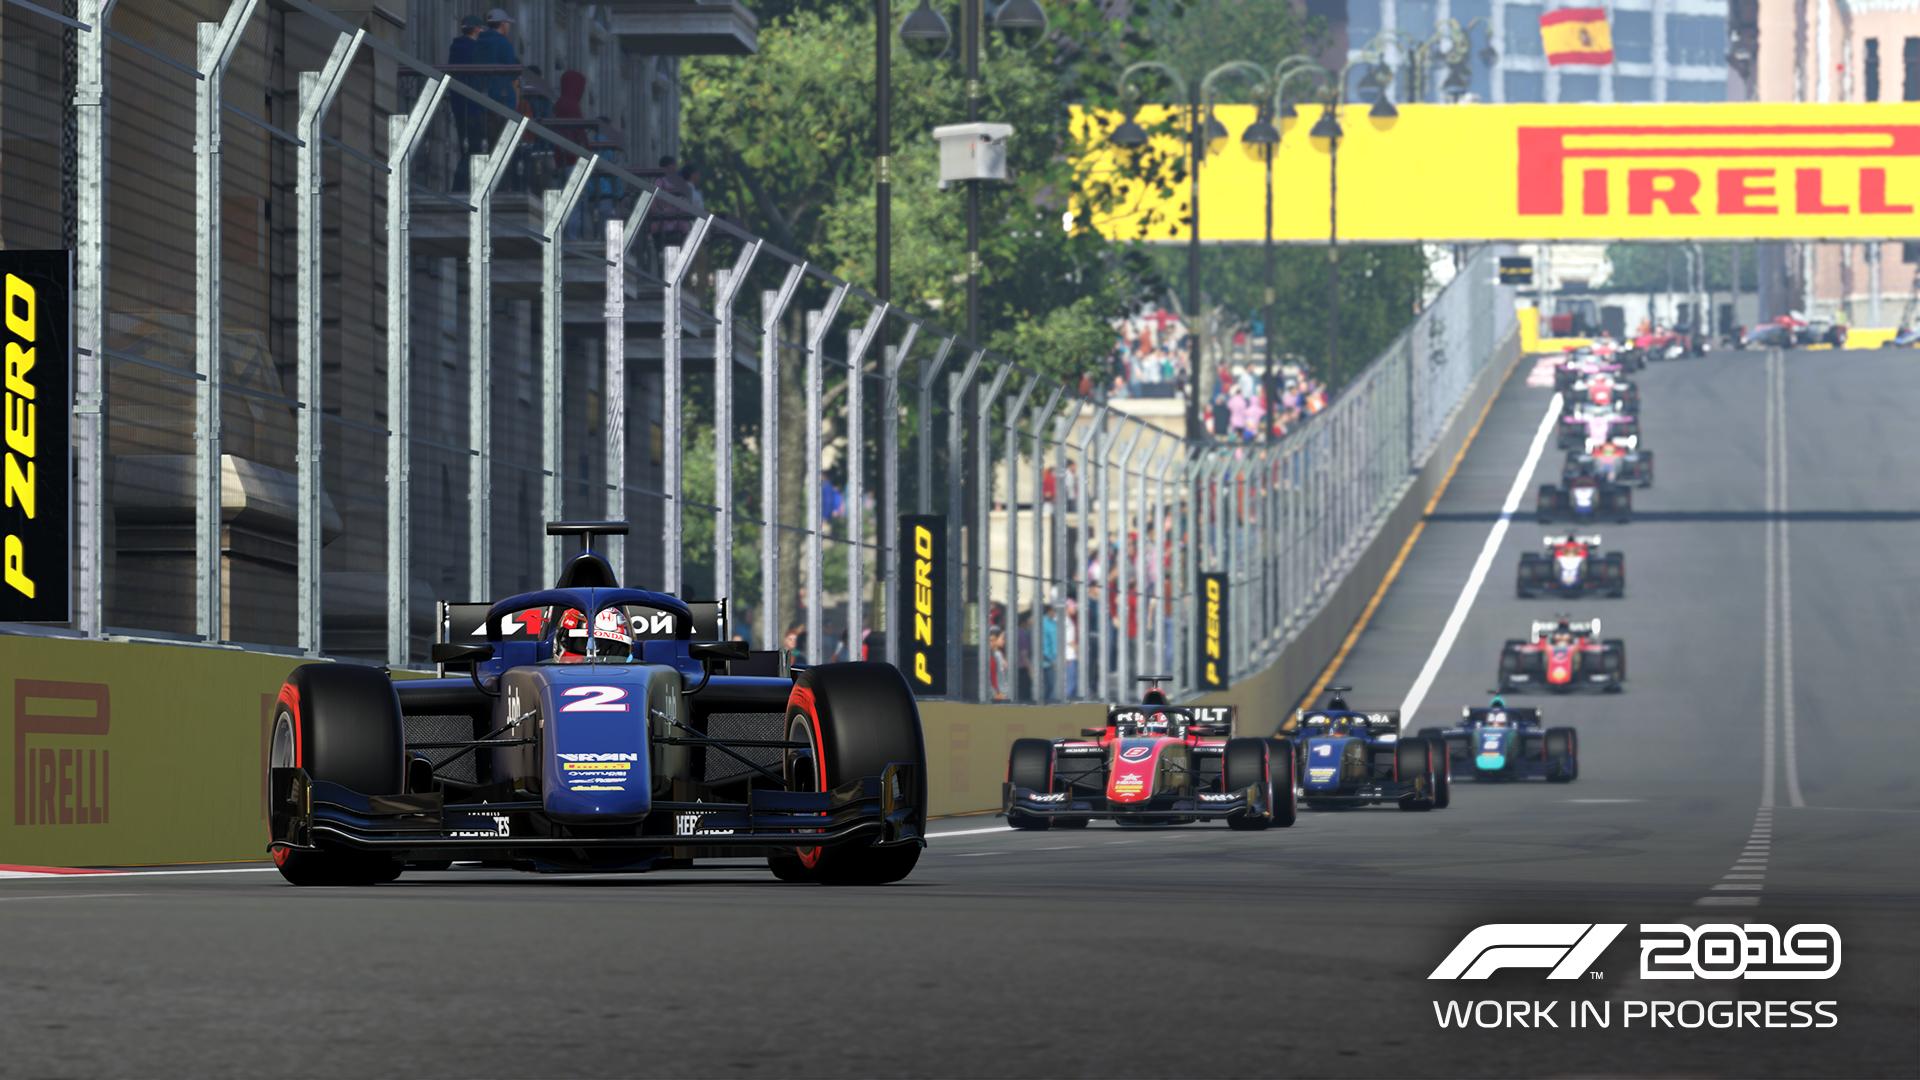 F2_Race_Baku_02.jpg